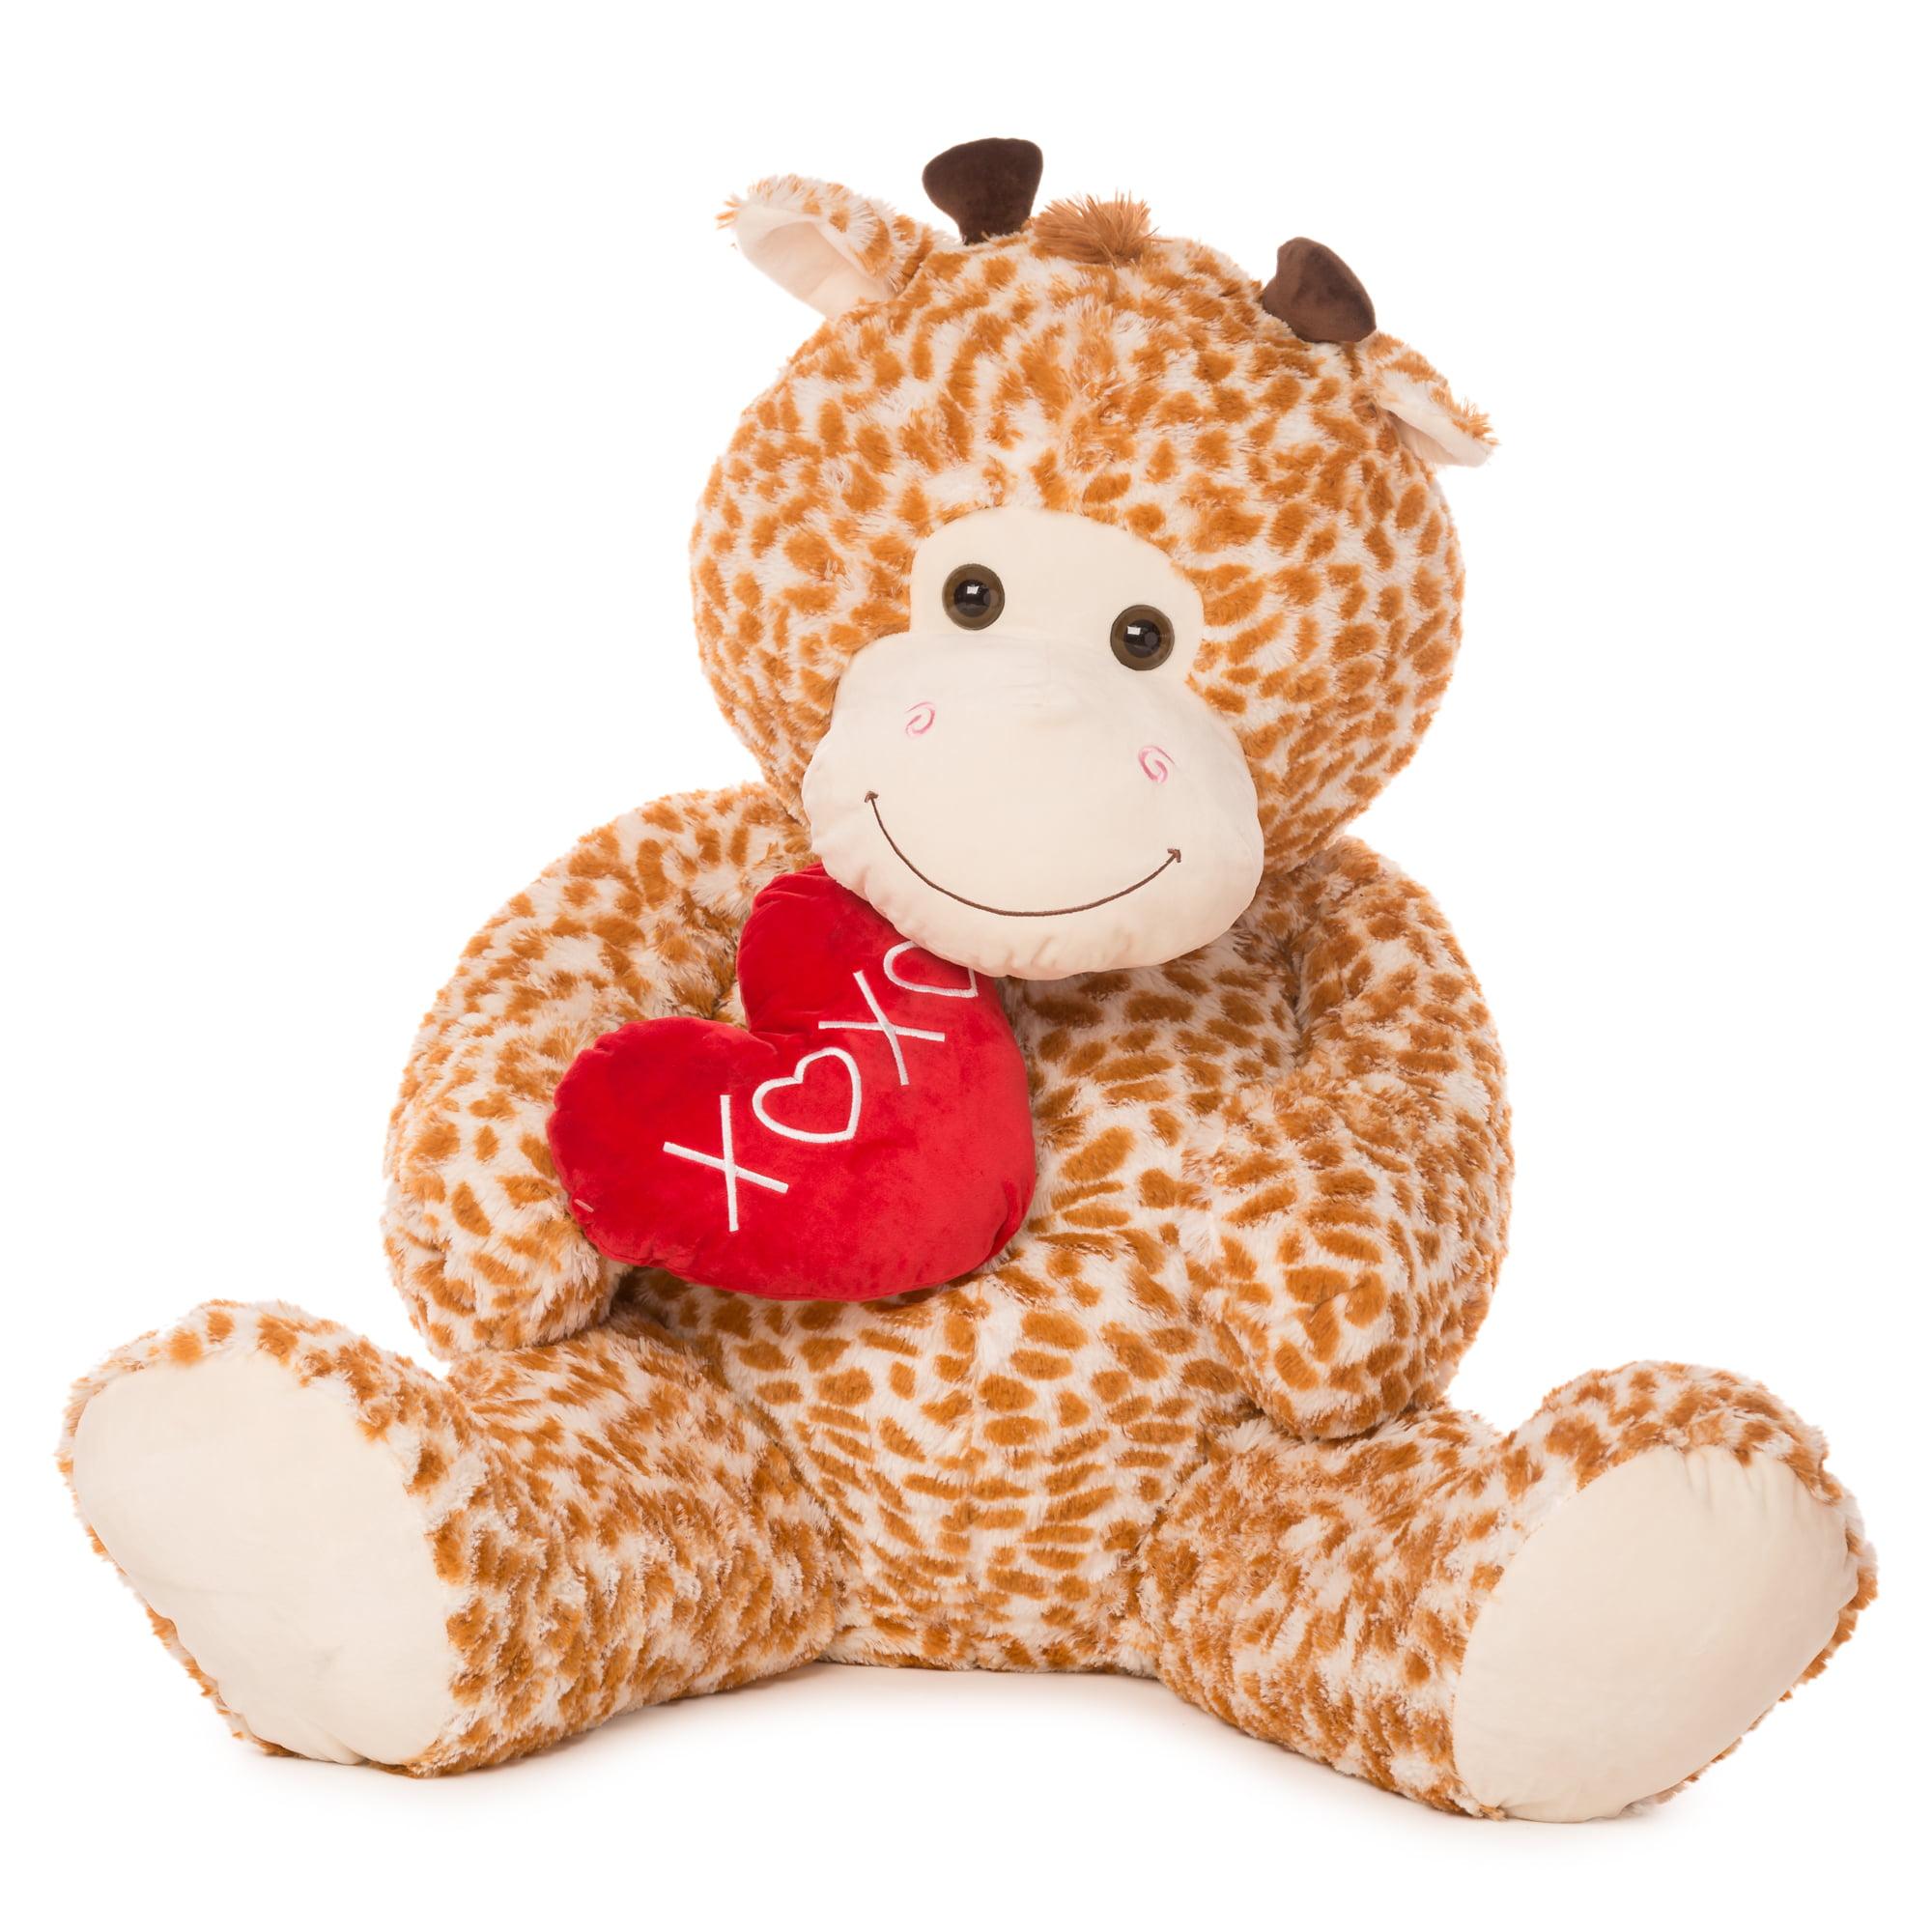 Best Made Toys 55 Jumbo Giraffe Giant Plush Animal Over 4 Feet Tall